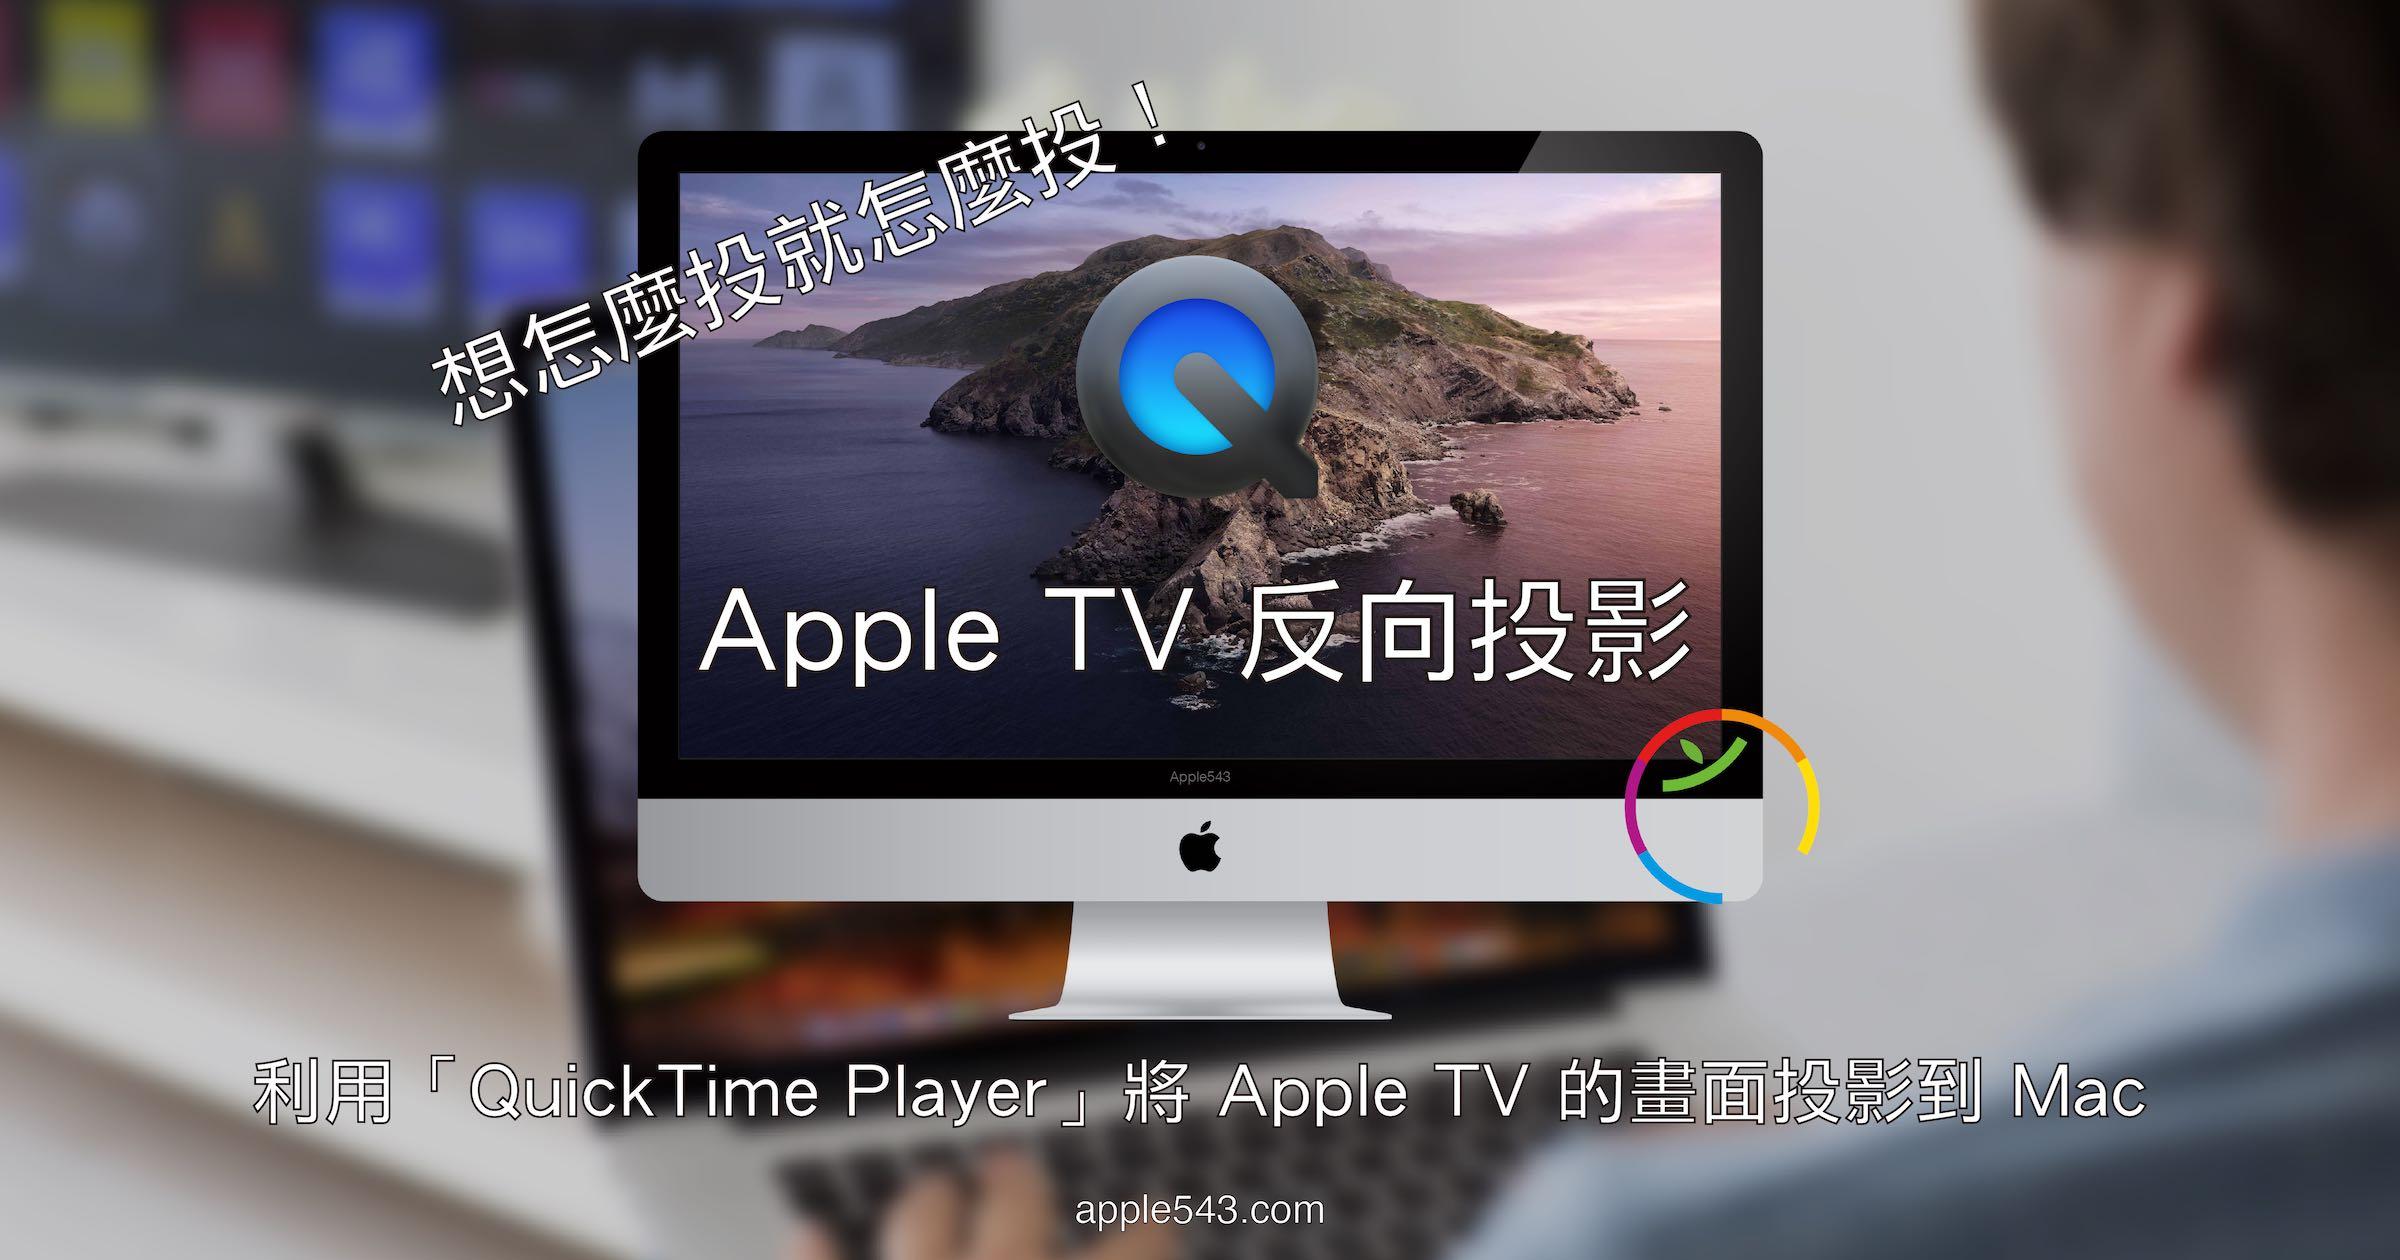 Apple TV 反向投影